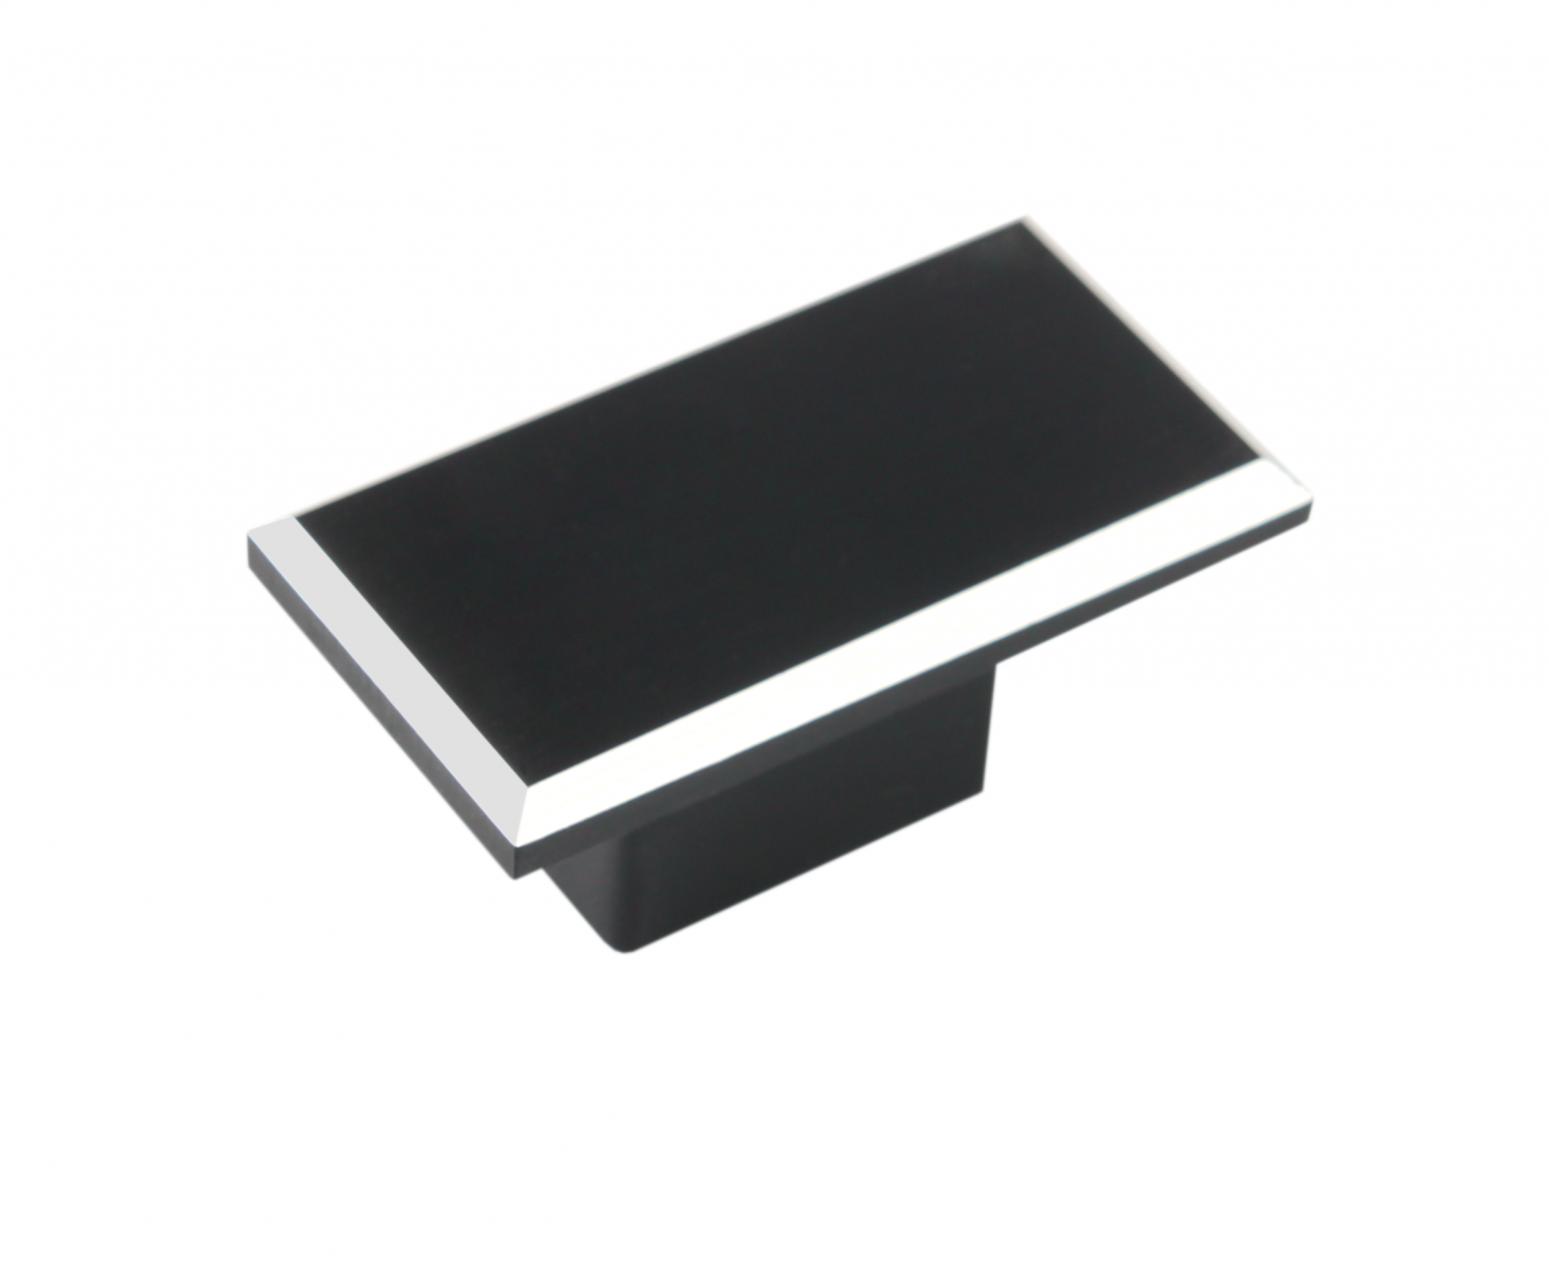 68798fdcf2b89adc2e573dd027792577 Ручка скоба – традиционная фурнитура для большинства видов корпусной мебели